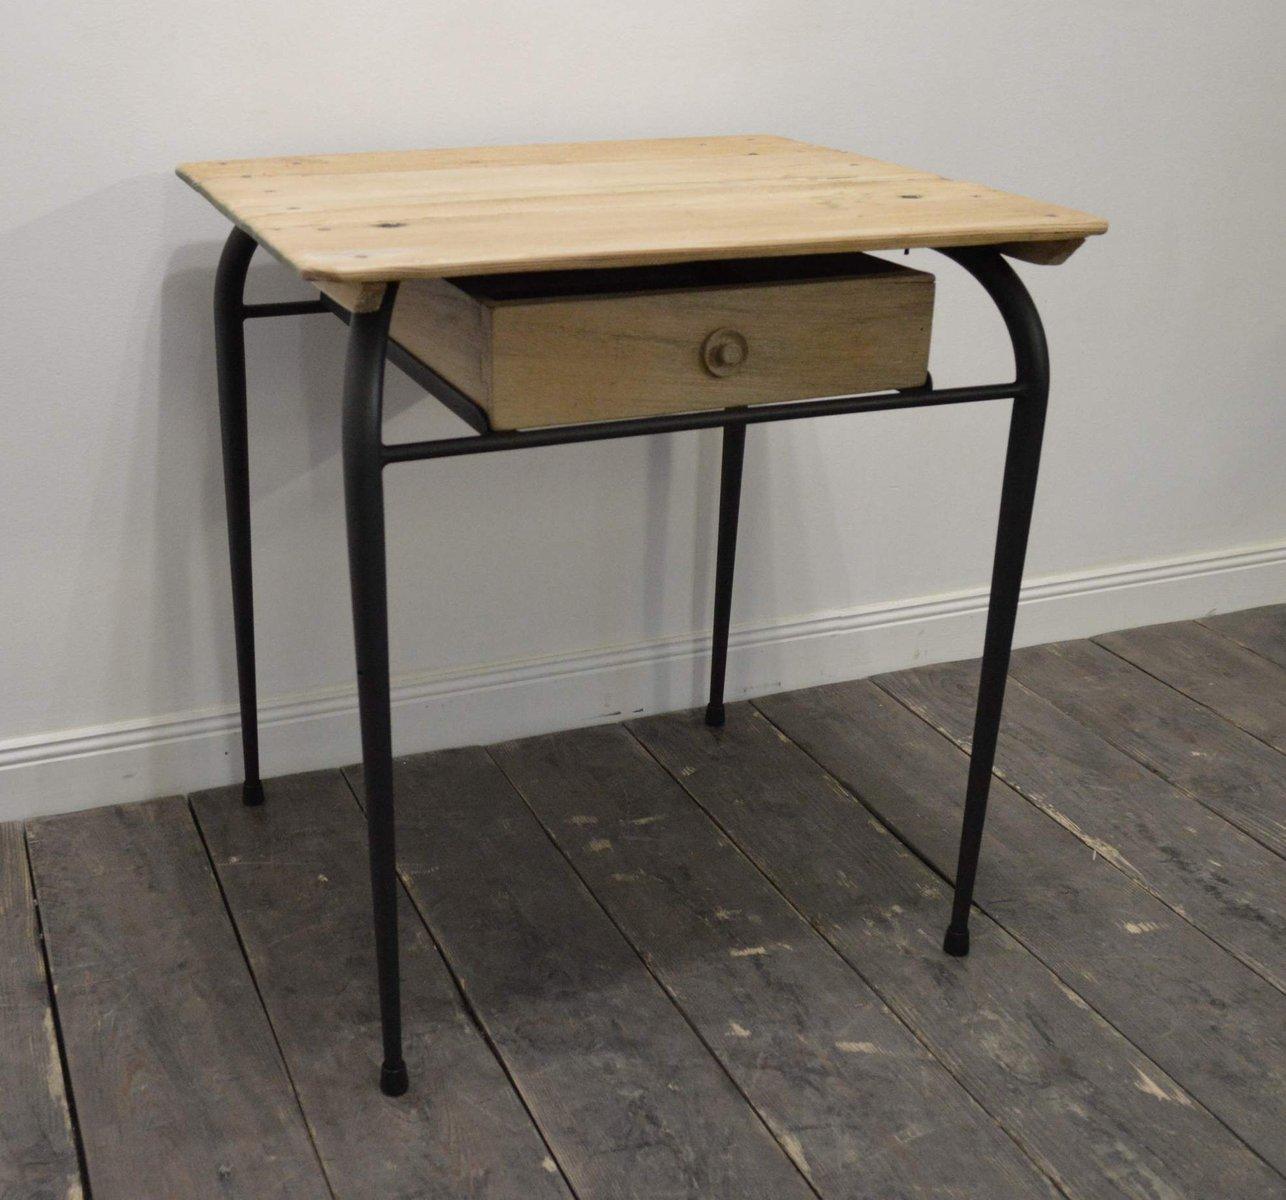 petit bureau vintage france 1950s en vente sur pamono. Black Bedroom Furniture Sets. Home Design Ideas